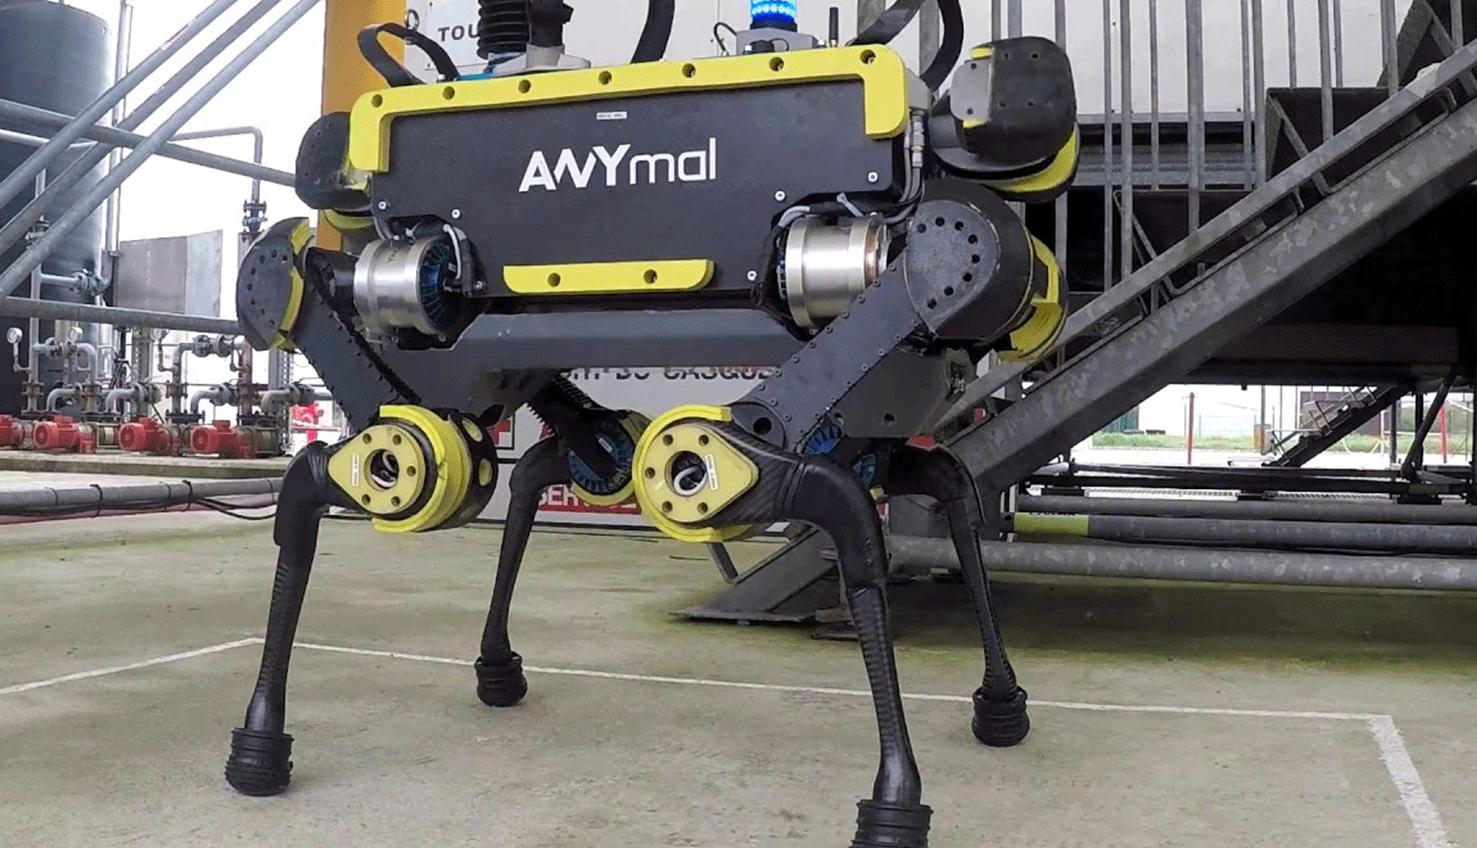 Видео: робот ANYmal выполняет задачи не хуже, чем SpotMini